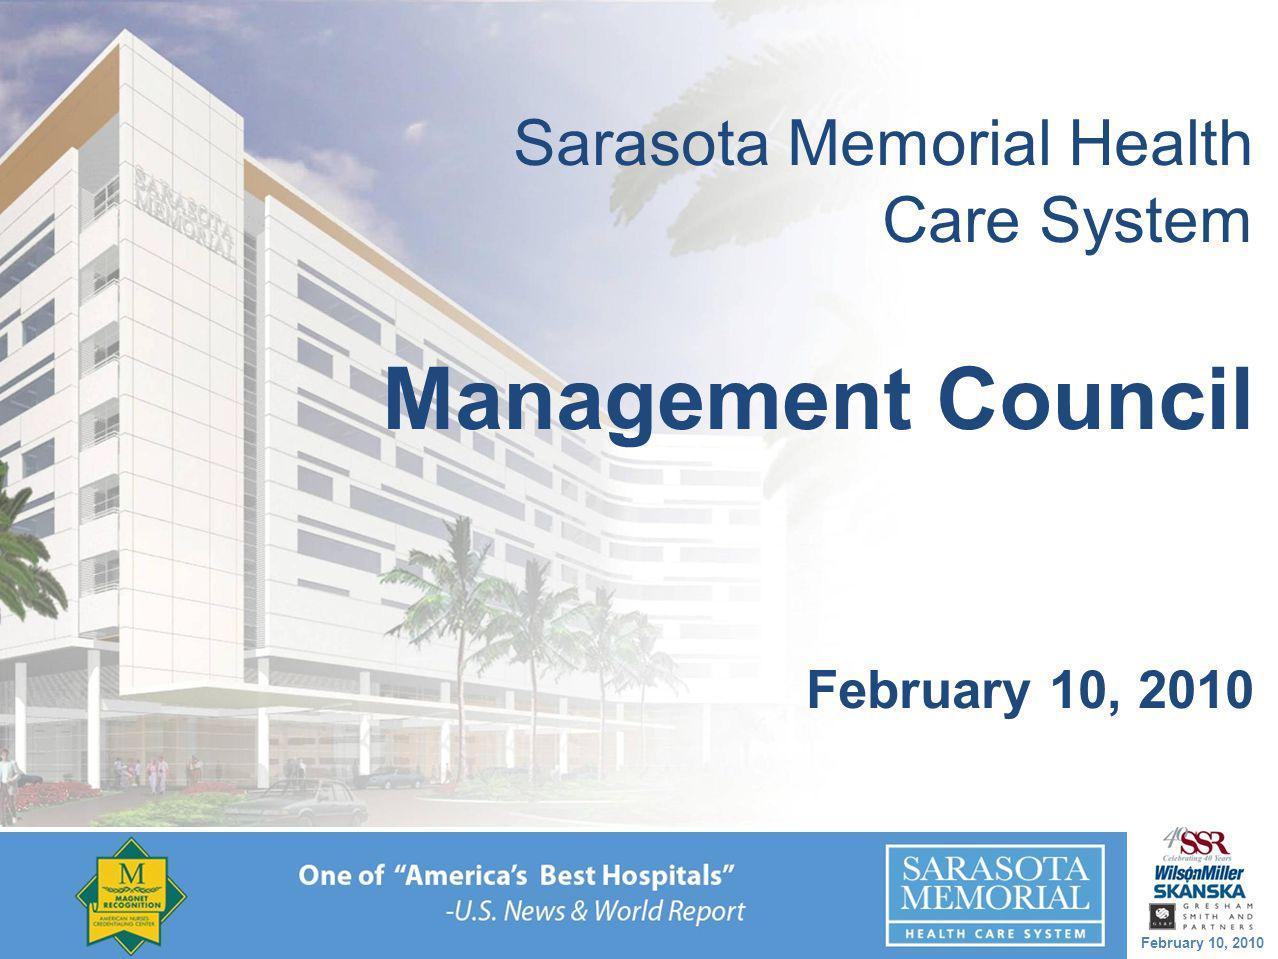 February 10, 2010 Sarasota Memorial Health Care System Management Council February 10, 2010